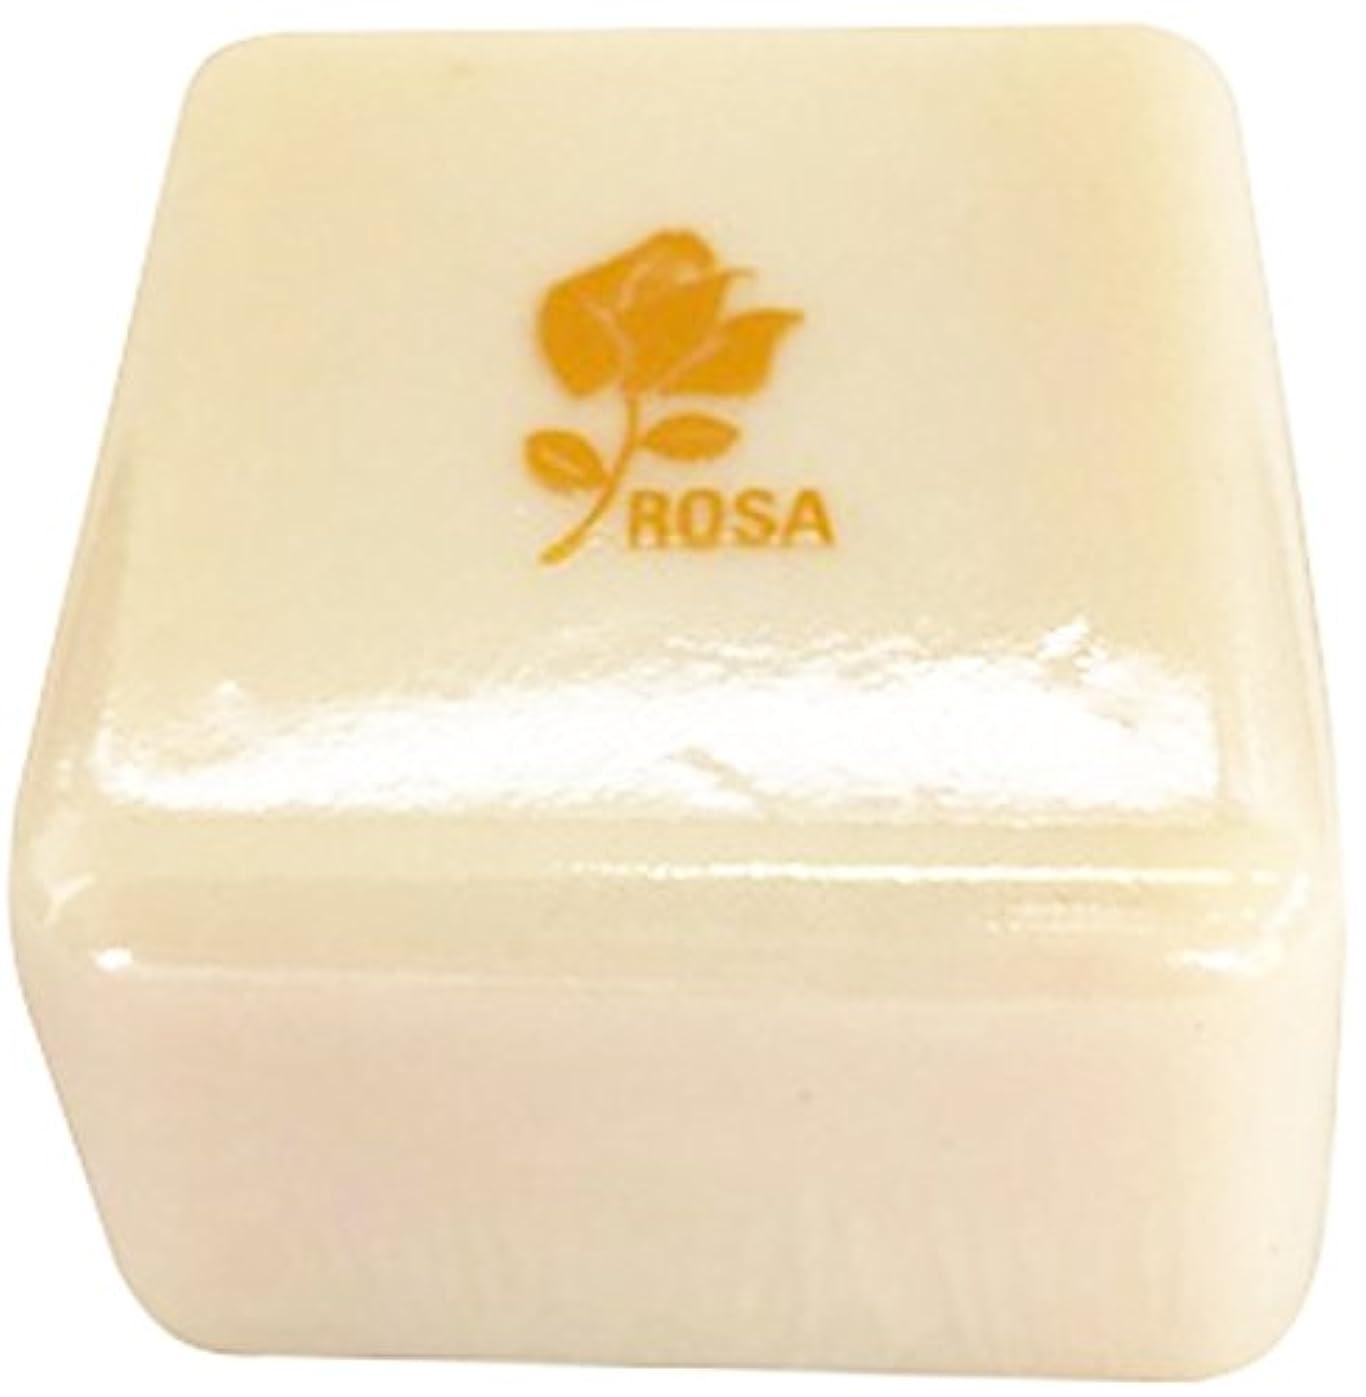 香り想像する人気の無添加 ハンドメイドソープ 85g